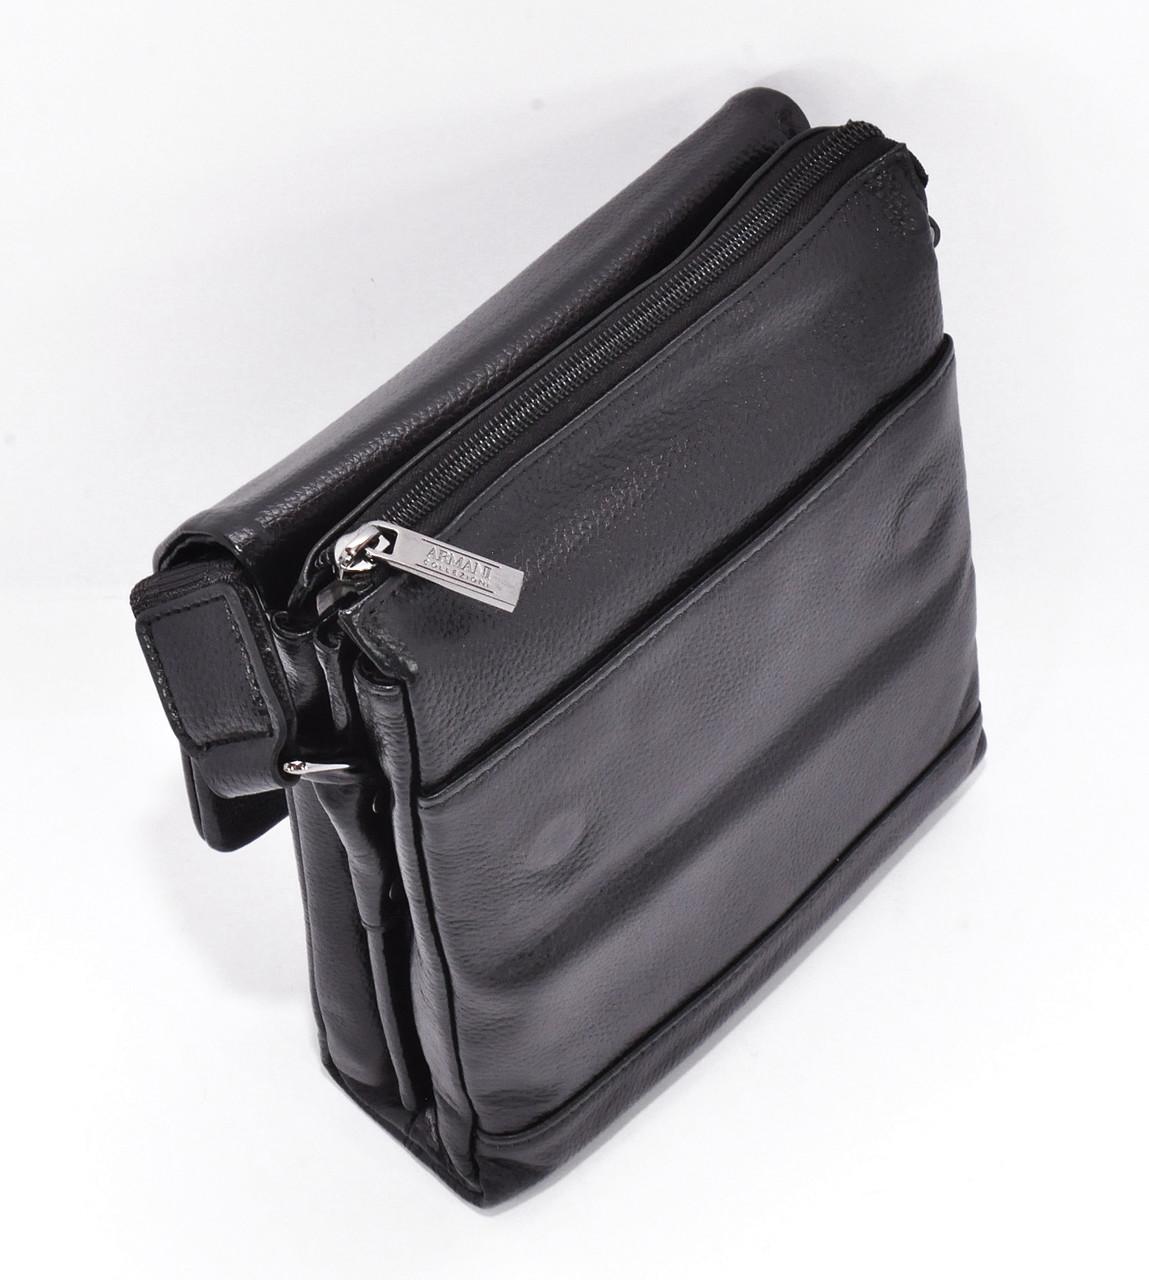 ... Сумка мужская средняя кожаная планшет черная Giorgio Armani 7911-2, ... 46941cd0817